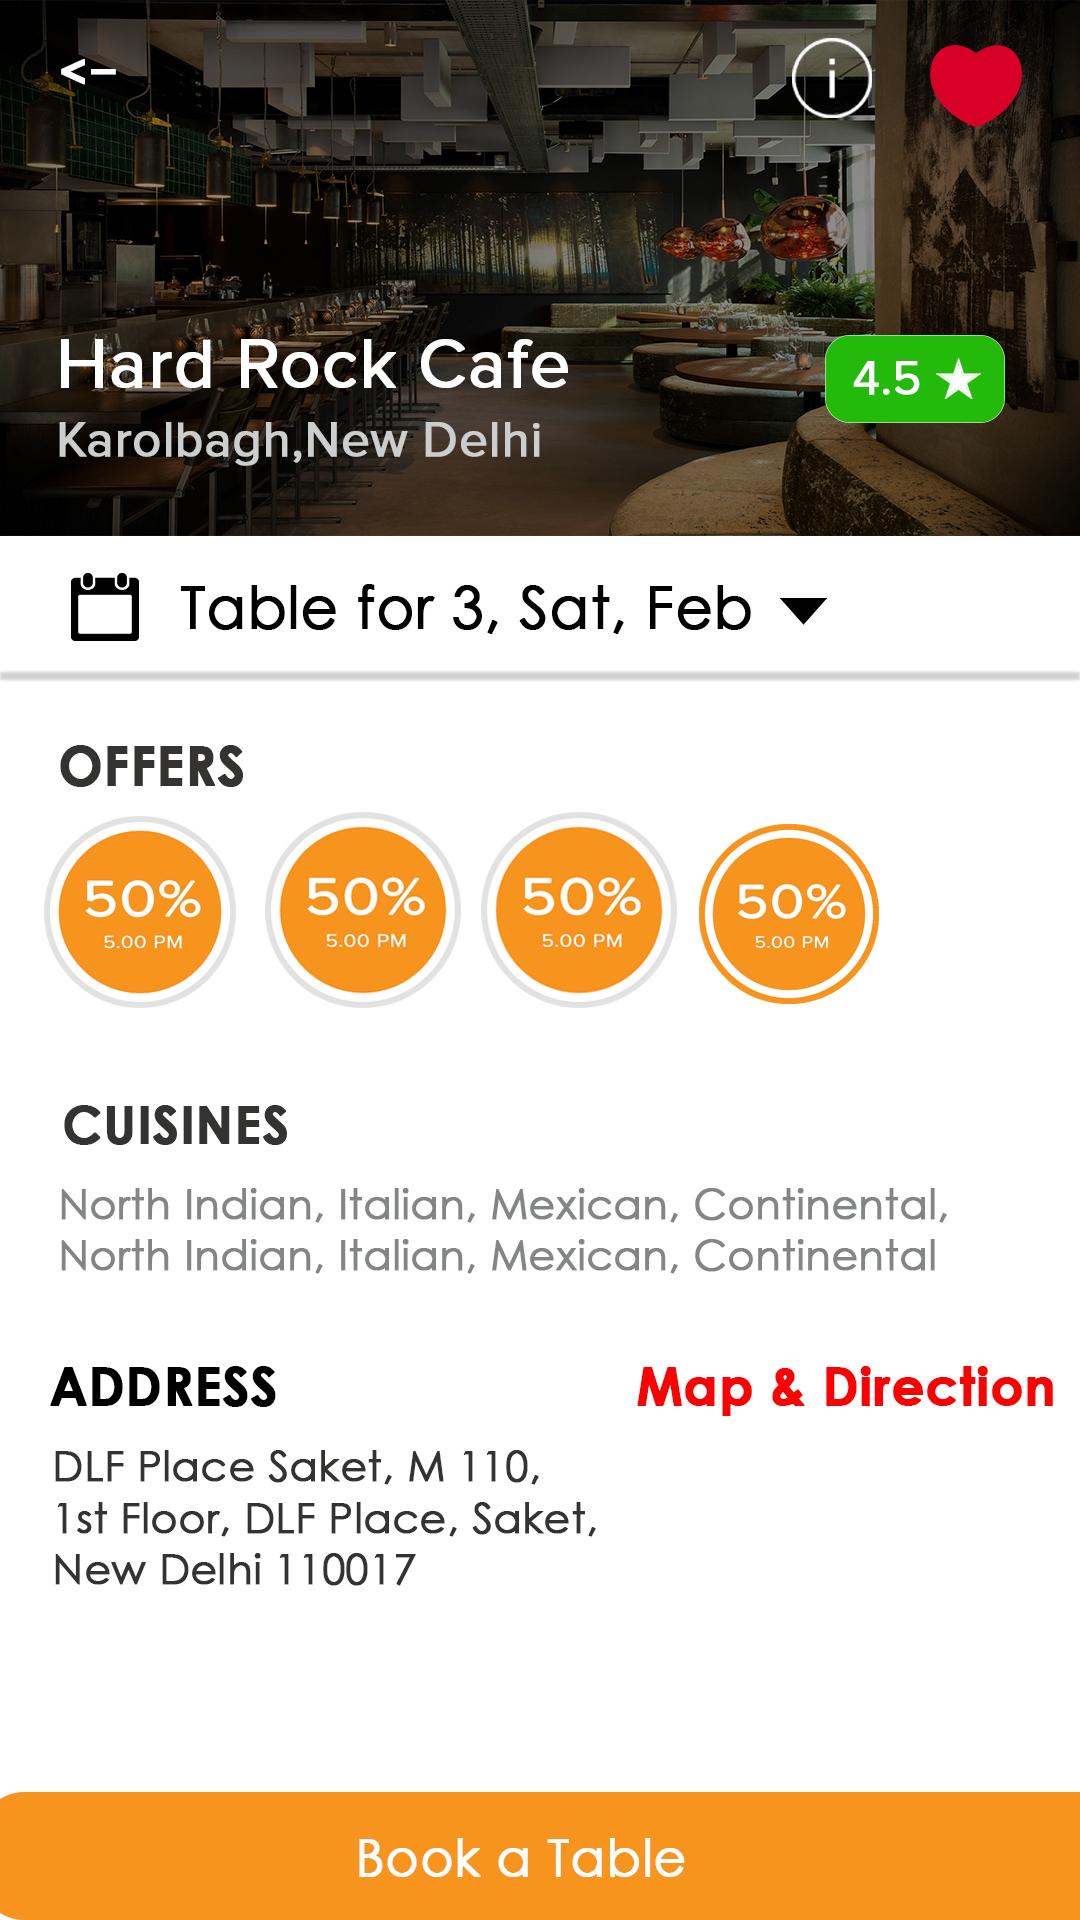 Krave On #Restaurants realtime offers realtimeoffers . foodoffers restaurantoffers Food  homedelivery app realtime offer application